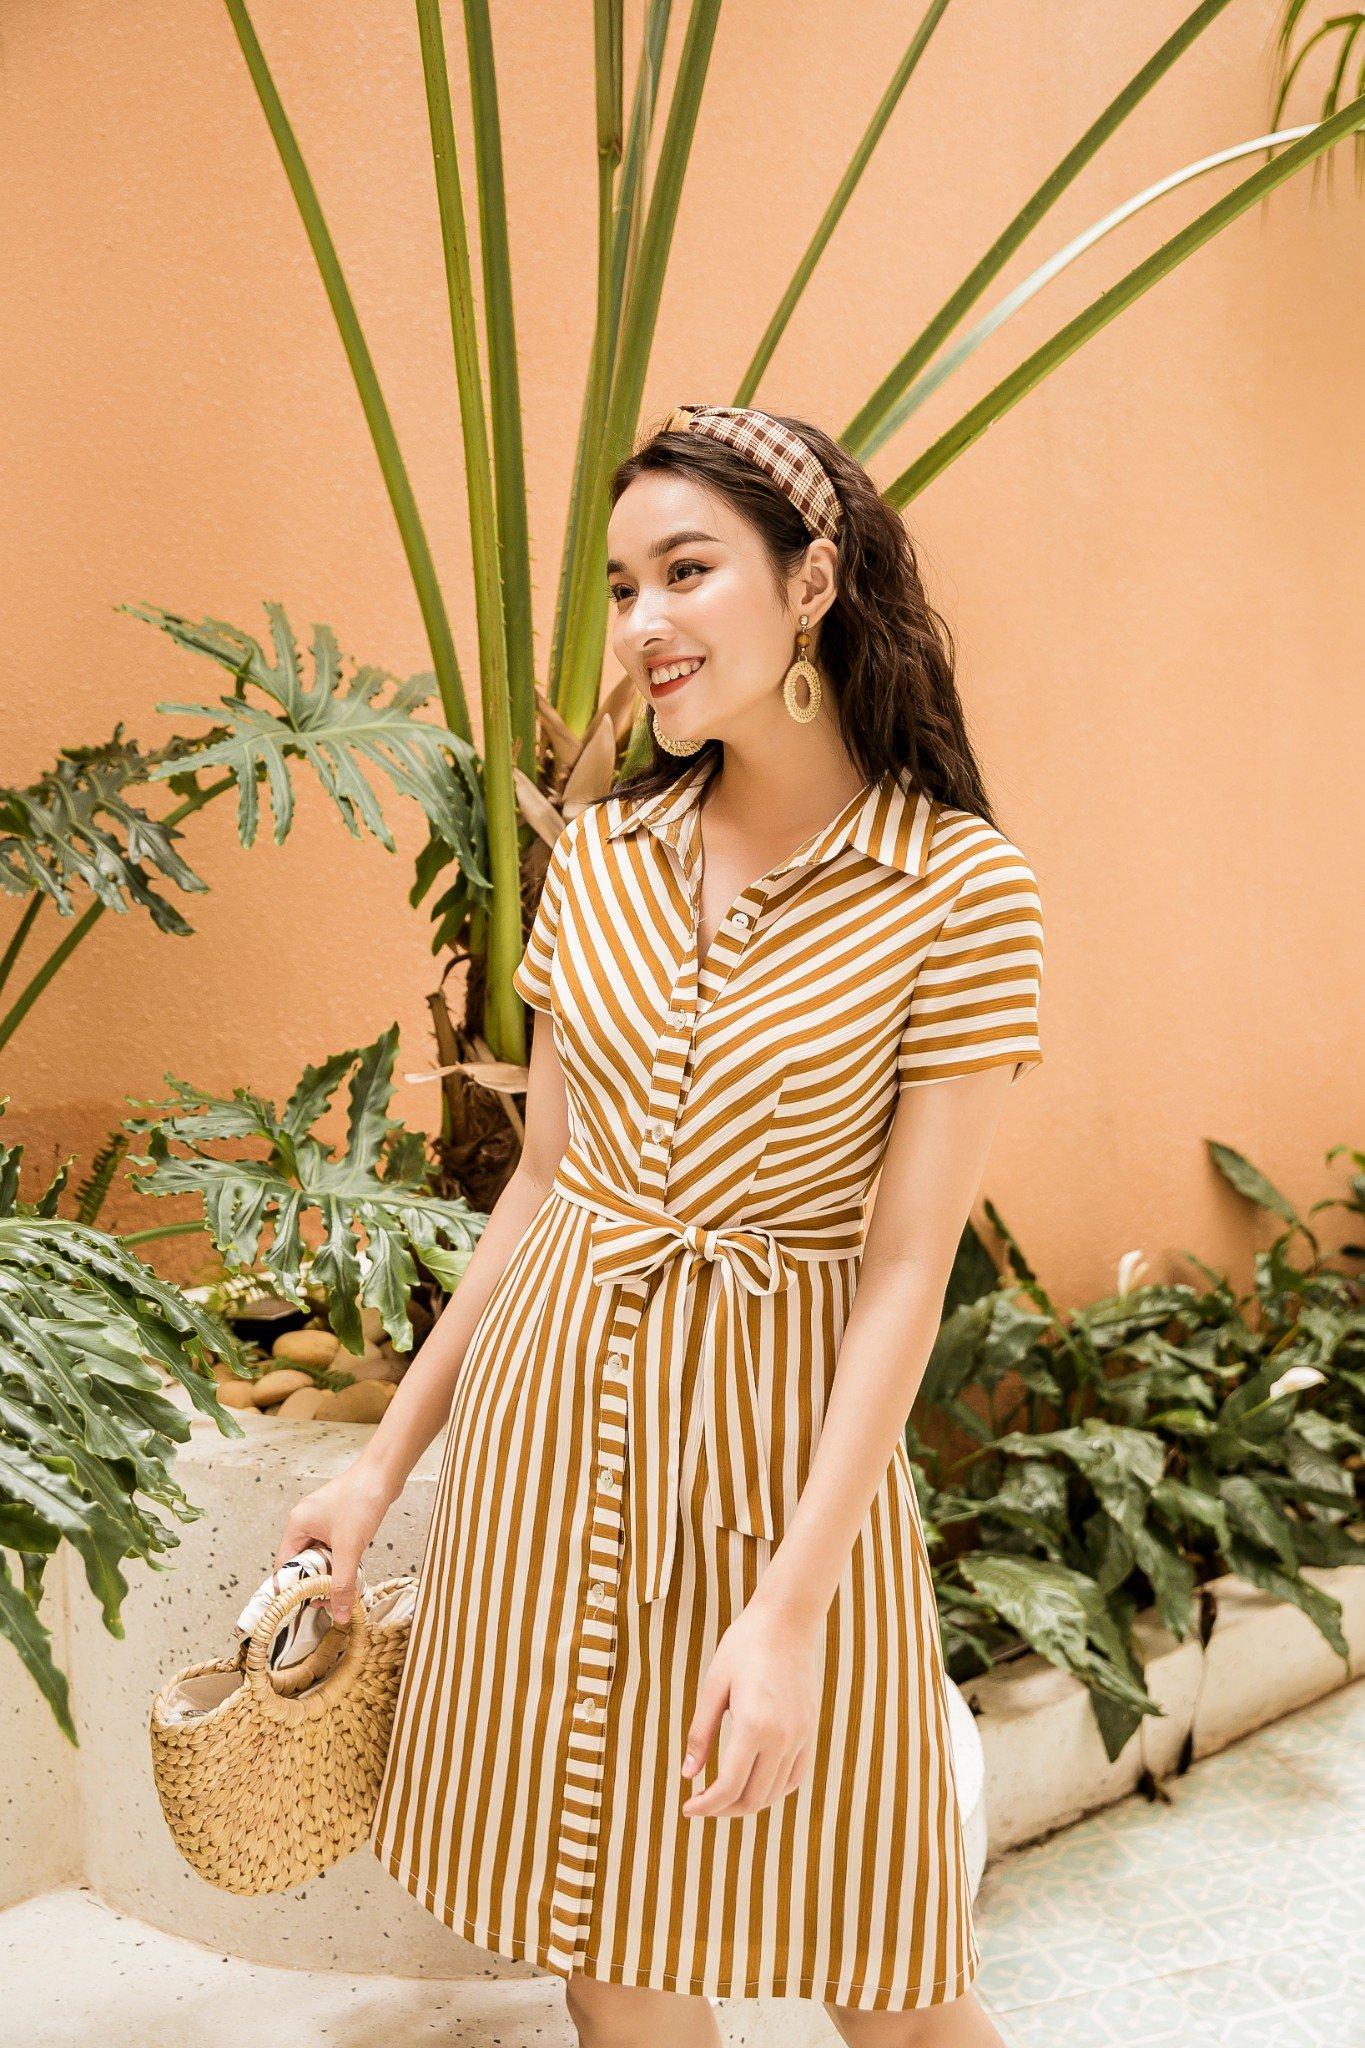 Váy SM Kẻ Kem Vàng